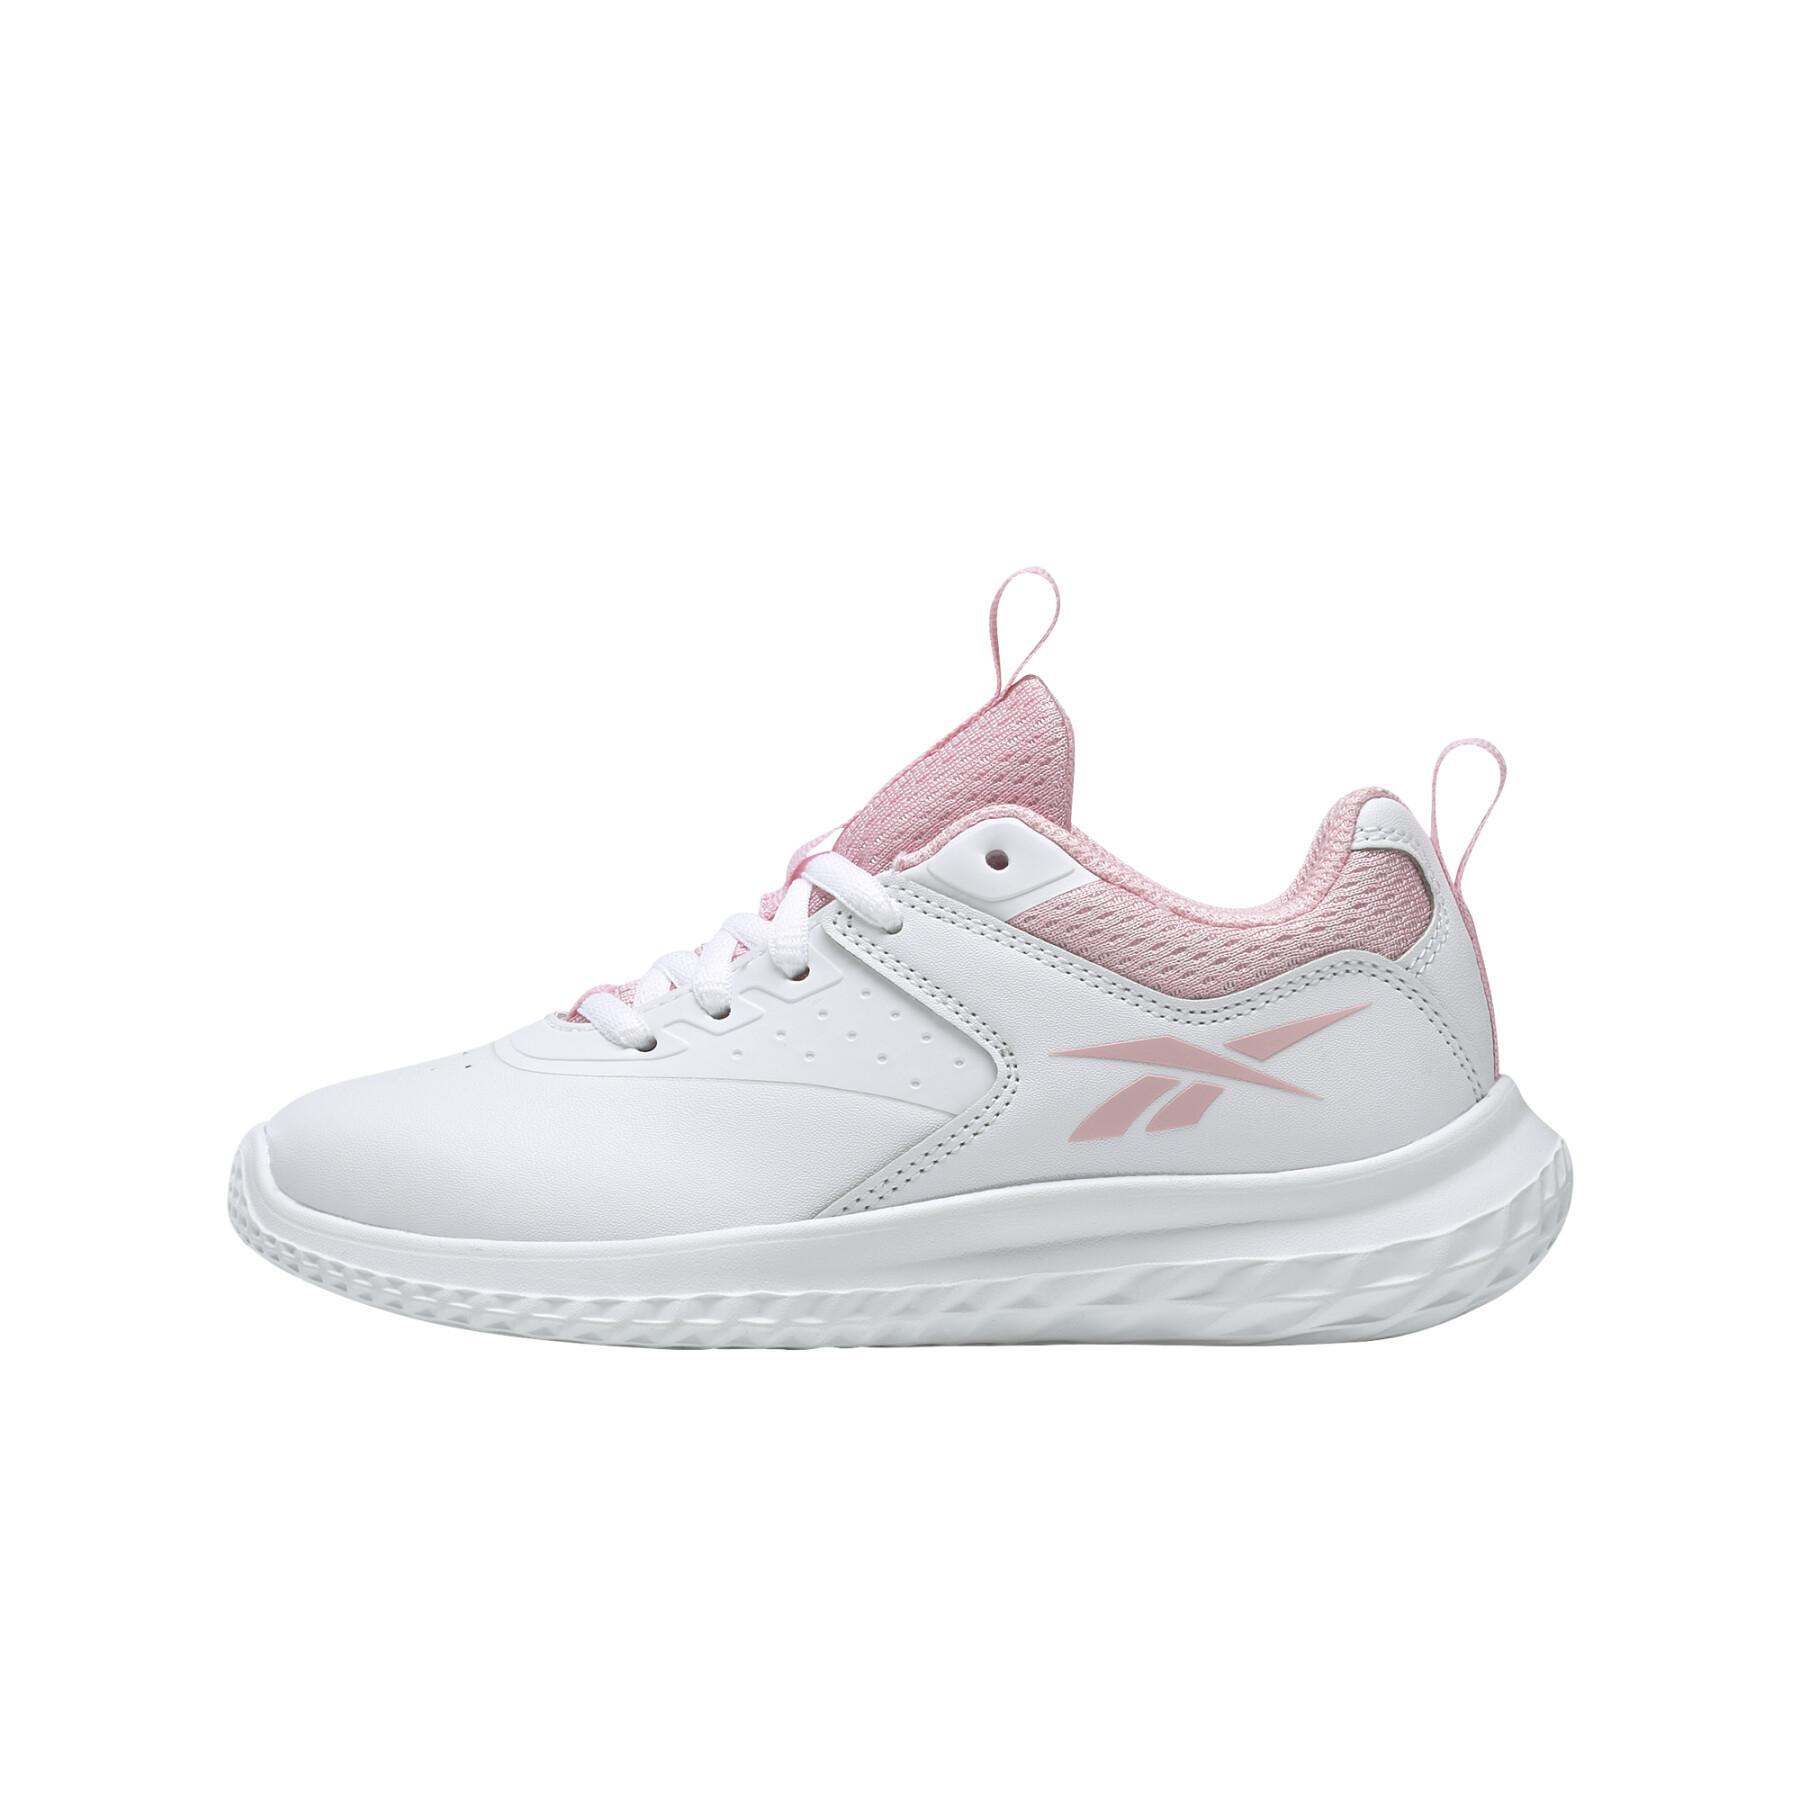 Girl's shoes Reebok rush runner 4.0 syn